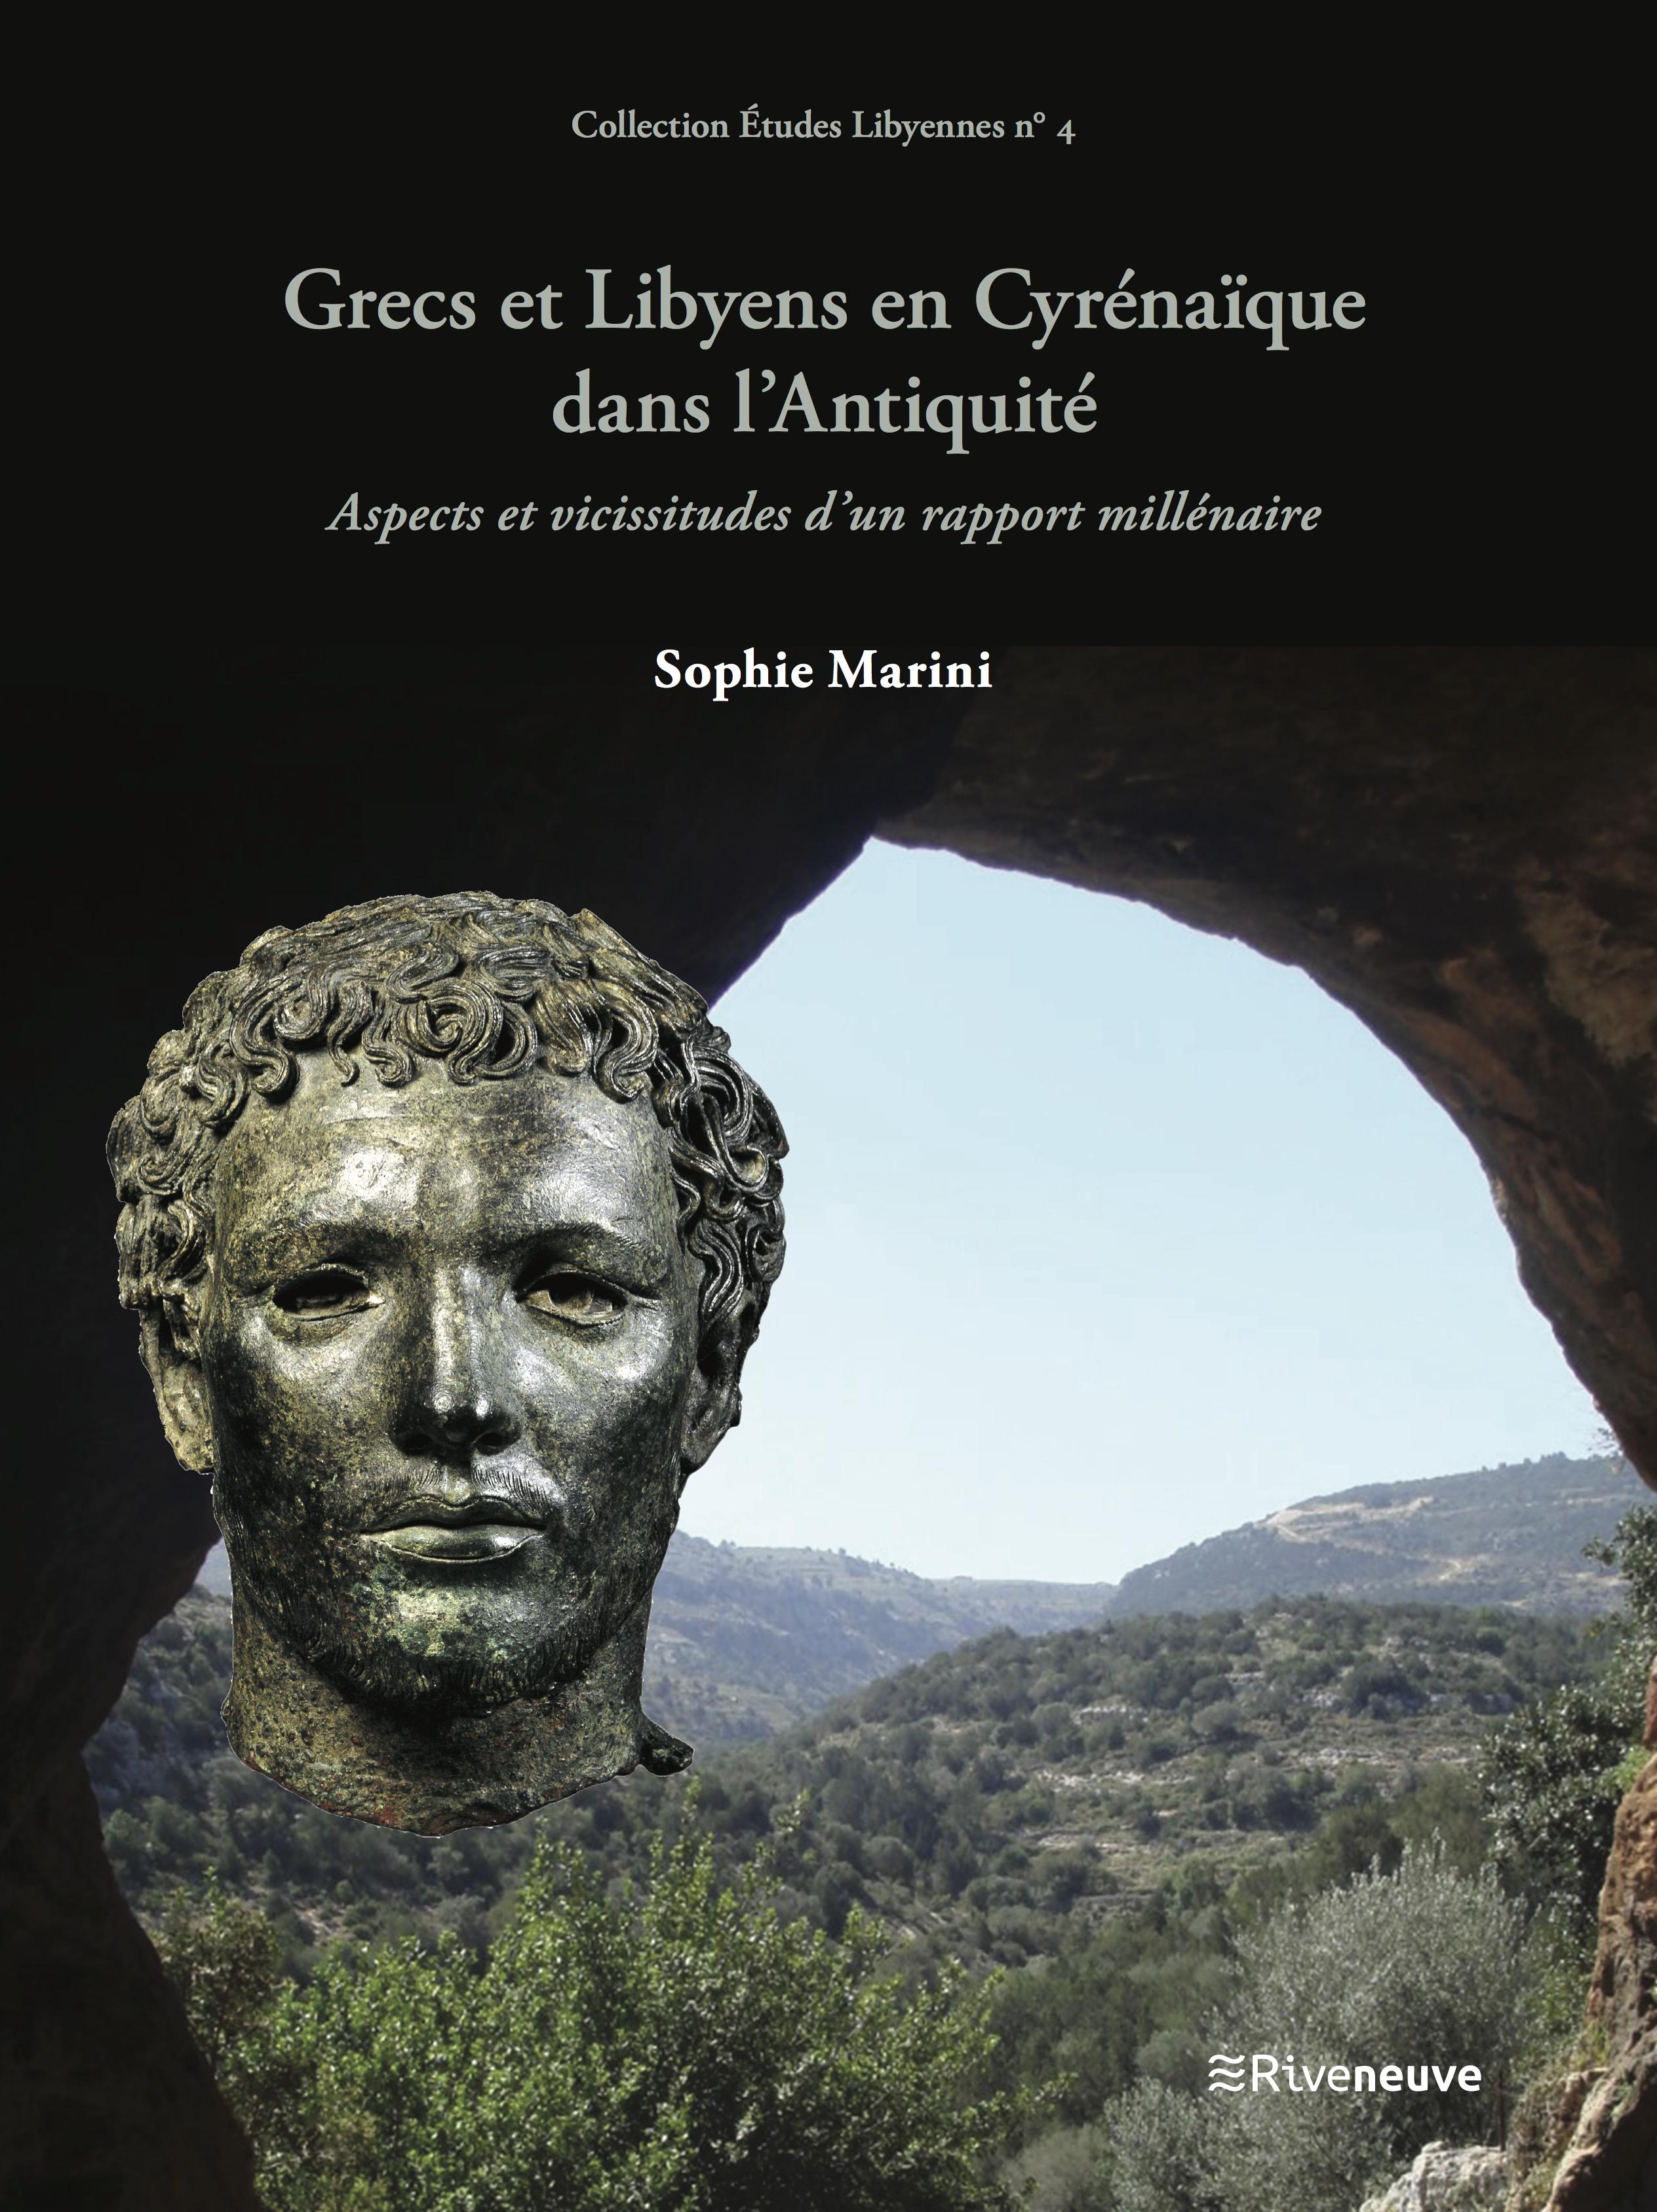 Grecs et Libyens en Cyrénaïque  dans l'Antiquité. Aspects et vicissitudes d'un rapport millénaire